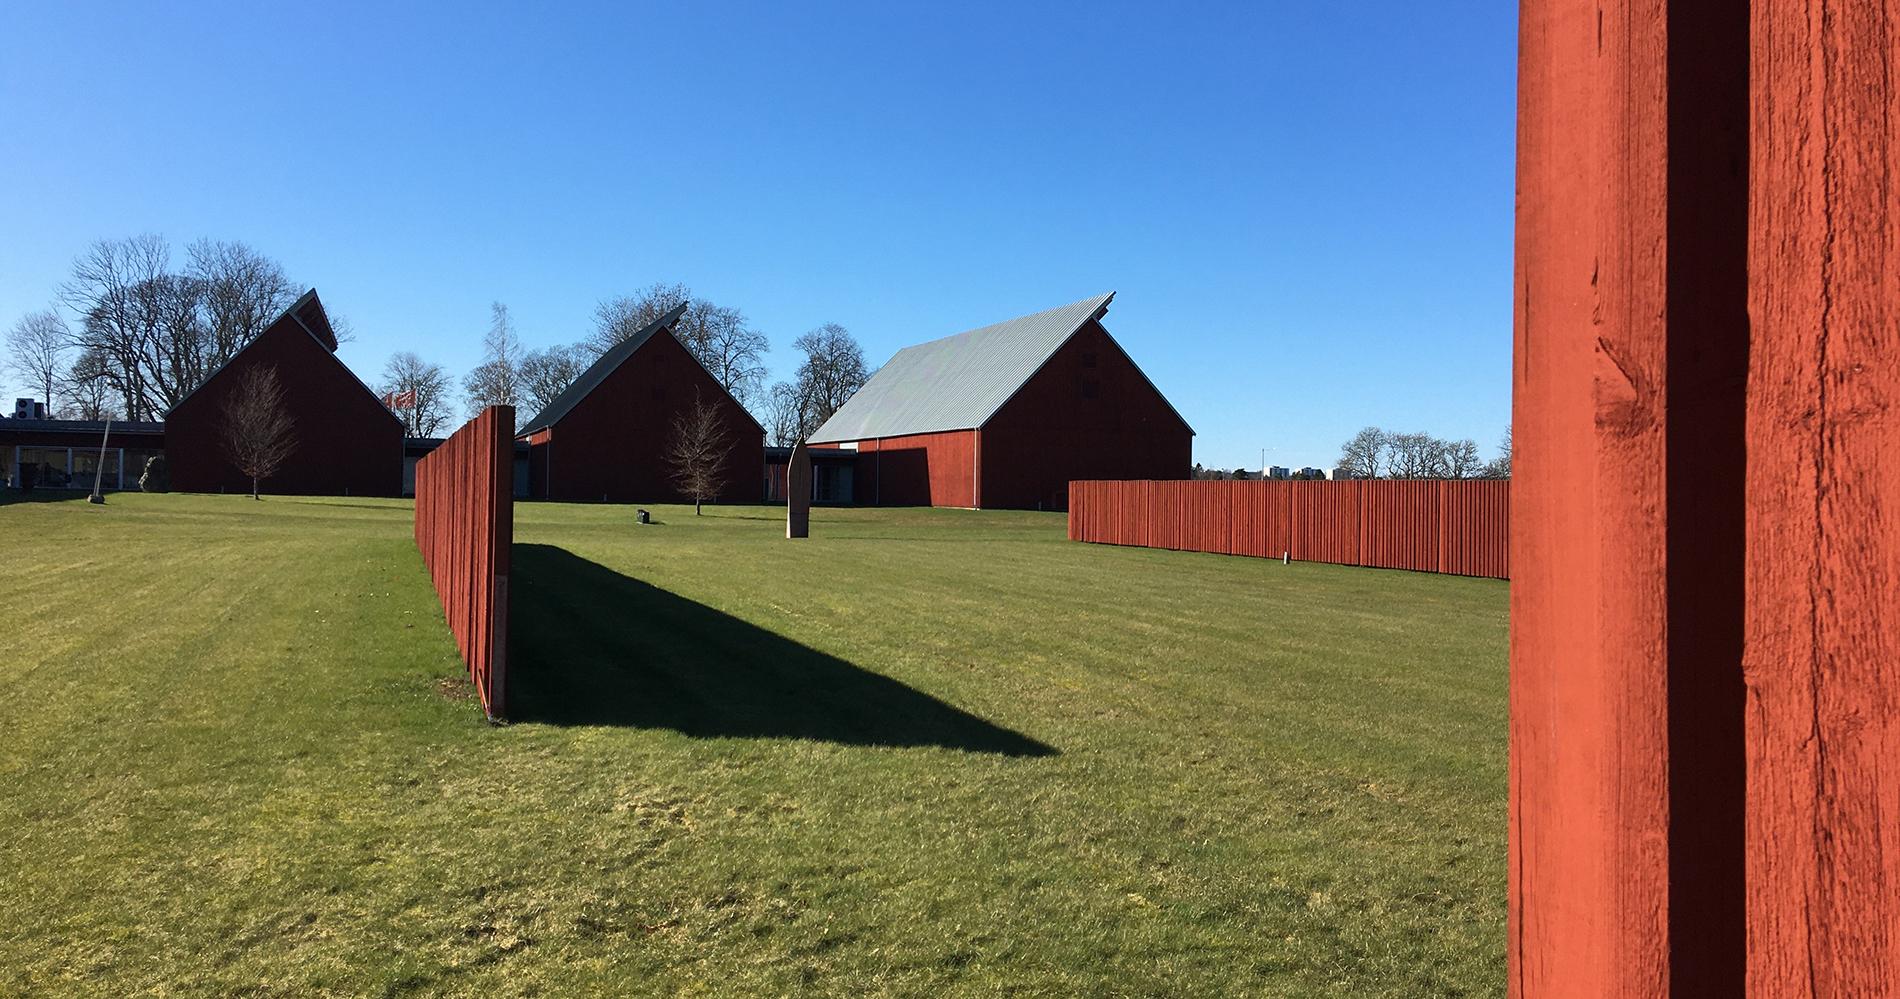 Vandalorum, museum för konst och design utanför Värnamo, är ritat efter koncept av av Renzo Piano. Museet består ursprungligen av elva lador varav fyra är förverkligade. Foto: Emina Kovacic